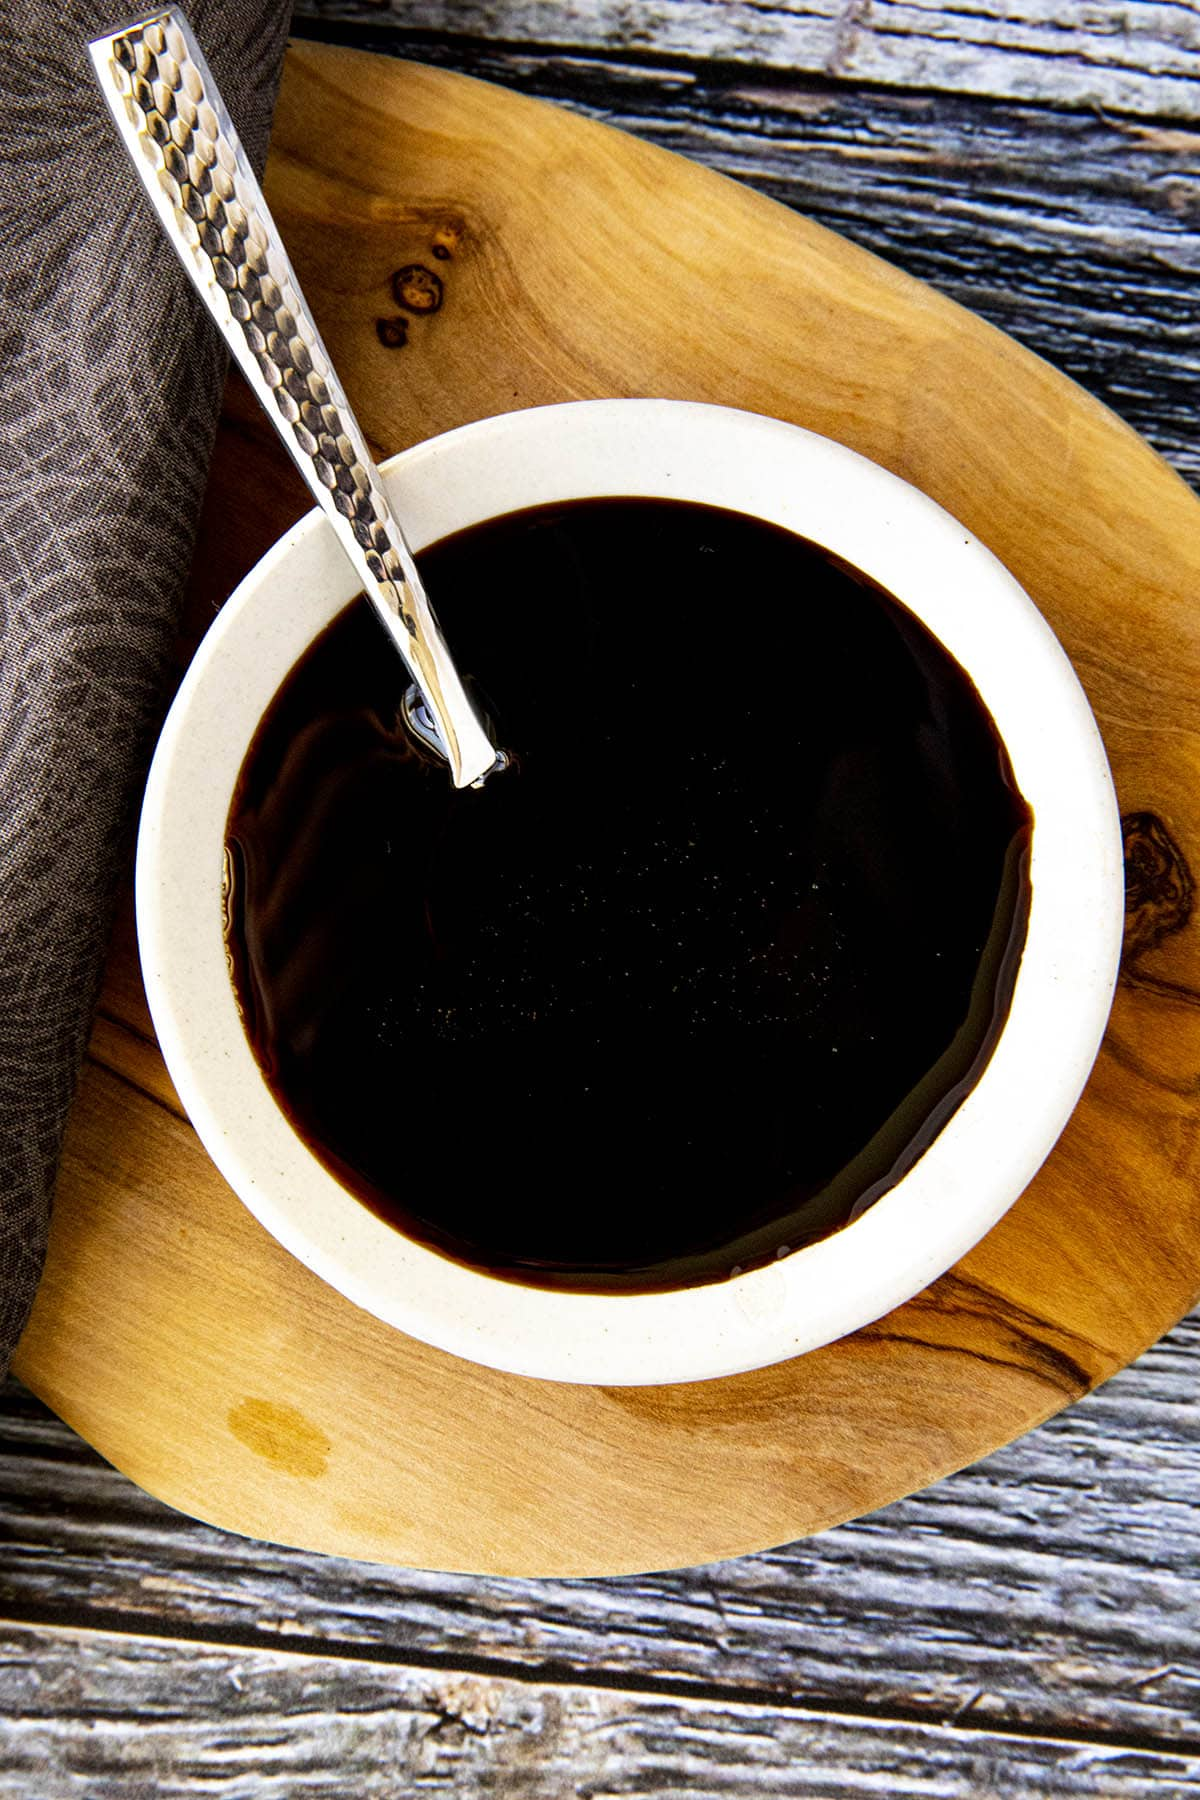 Kecap Manis (sweet soy sauce) in a bowl